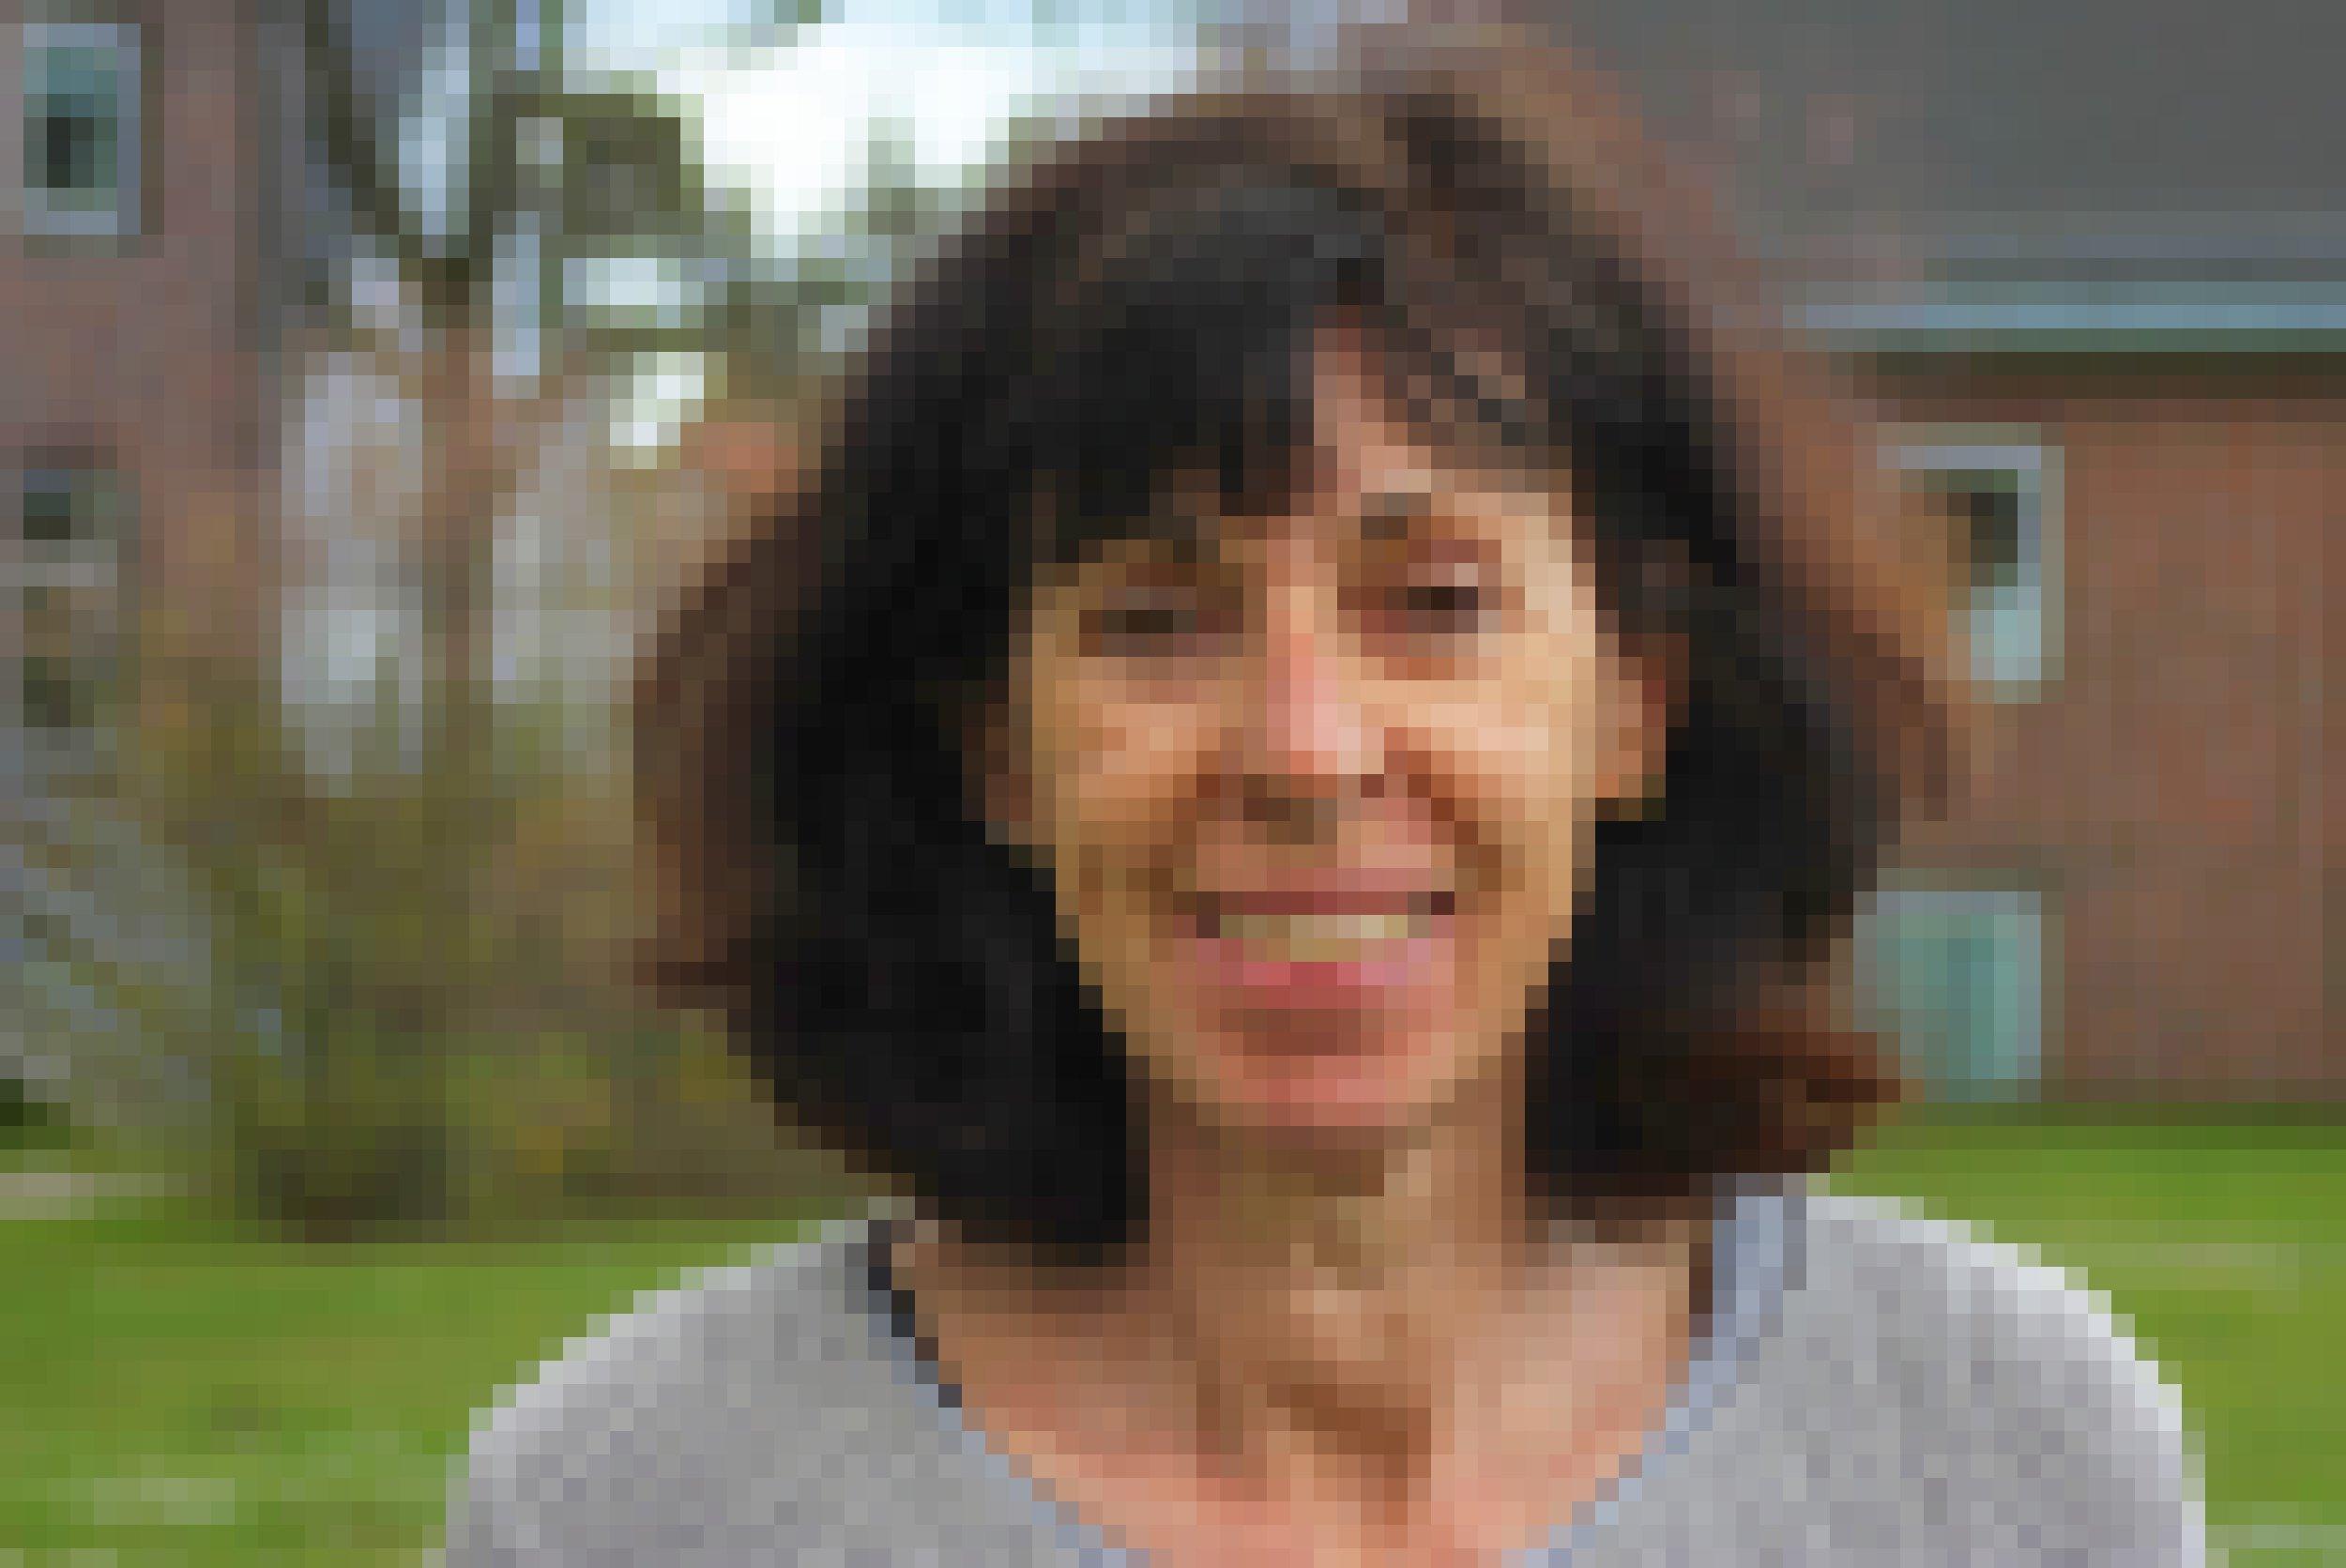 Eine Frau mit schulterlangem, leicht gewelltem braunen Haar lächelt in die Kamera.